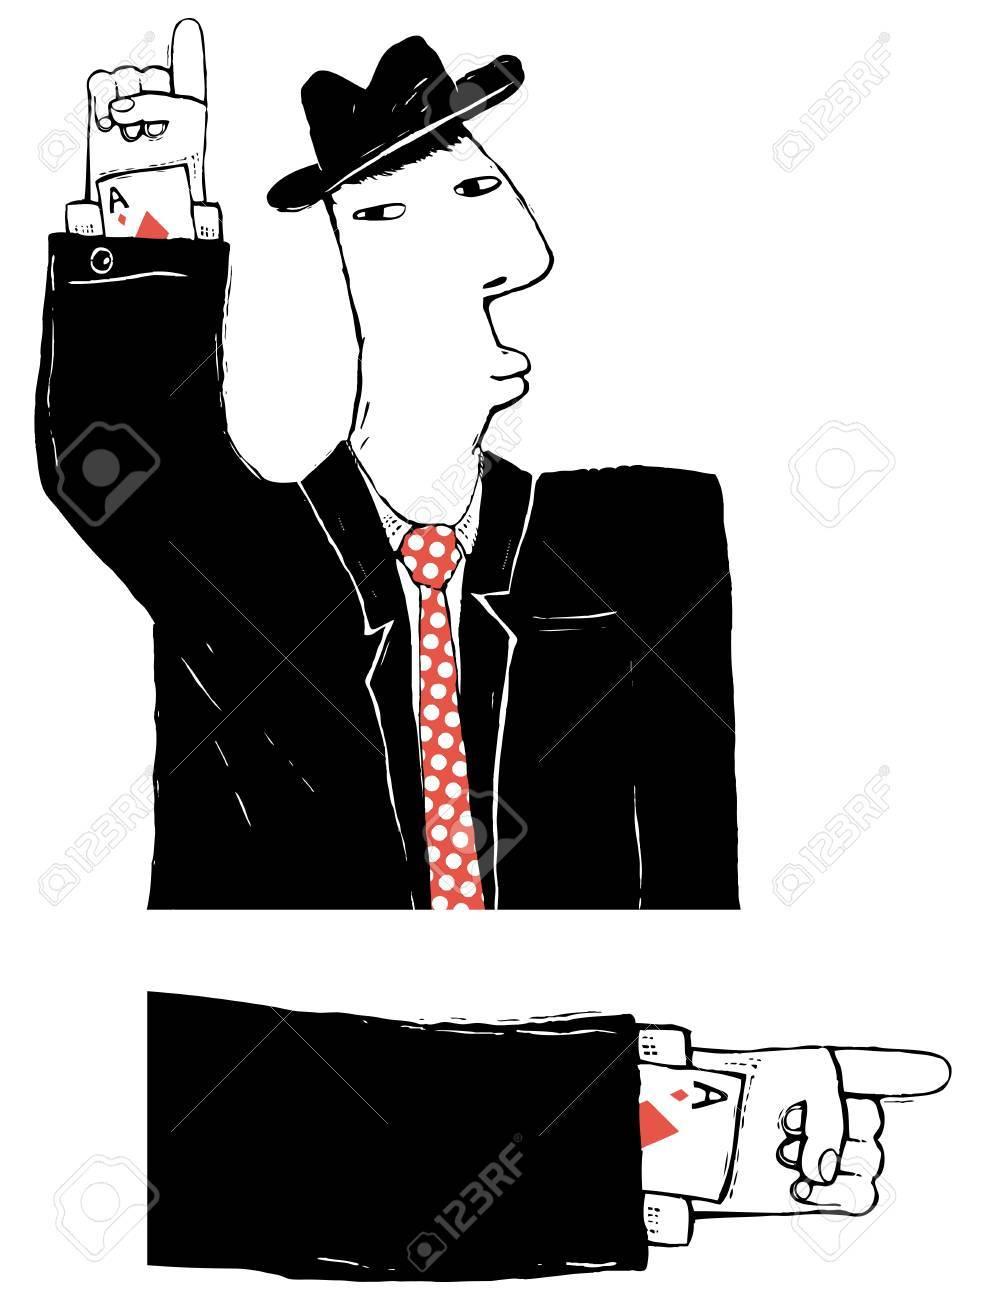 cardsharper cartoon illustration Stock Vector - 16463788